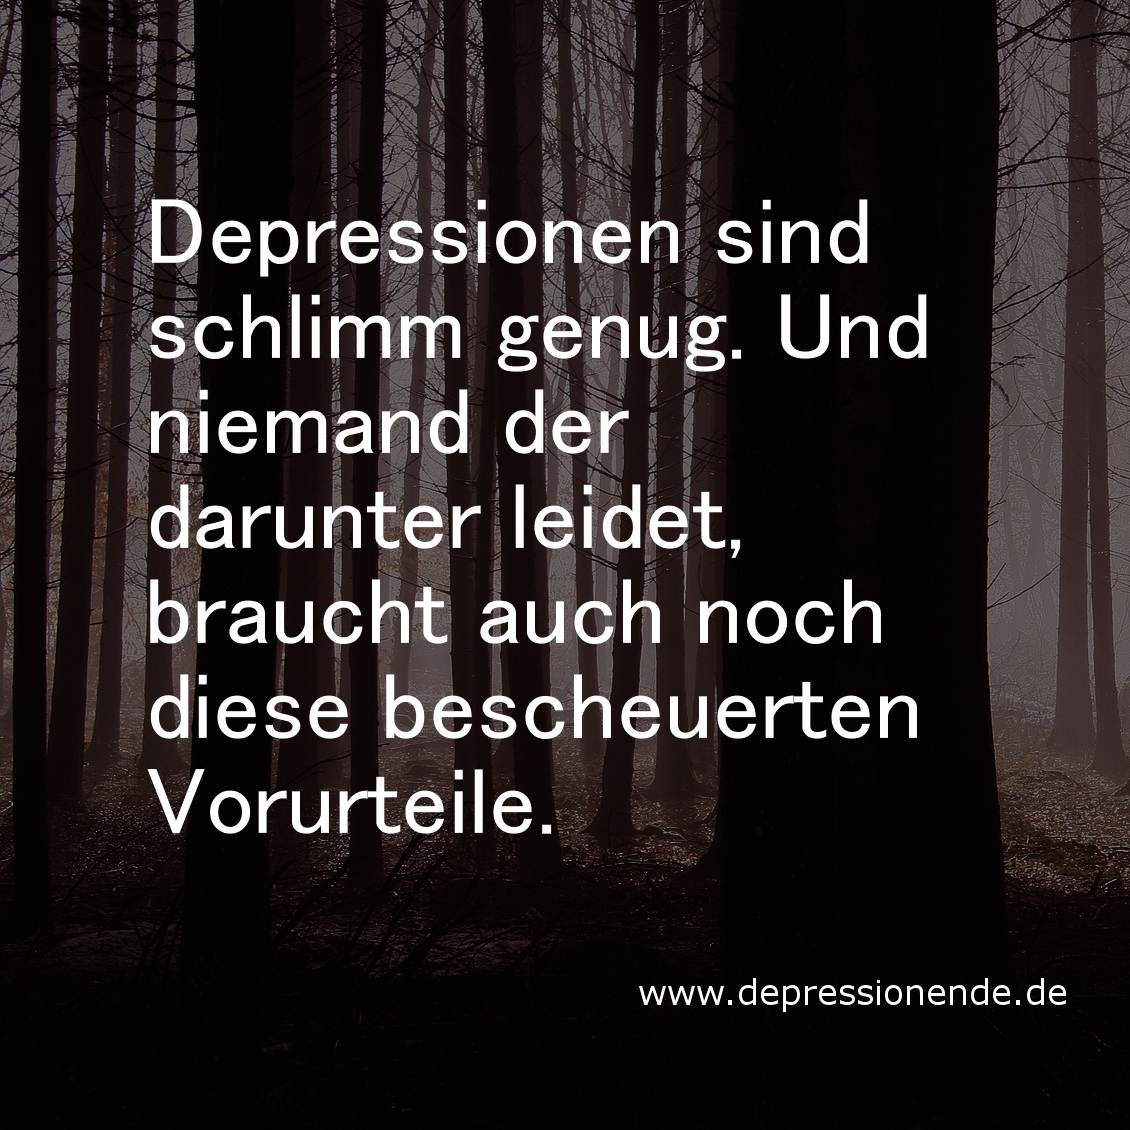 Depressionen sind schlimm genug. Und niemand der darunter leidet, braucht auch noch diese bescheuerten Vorurteile.